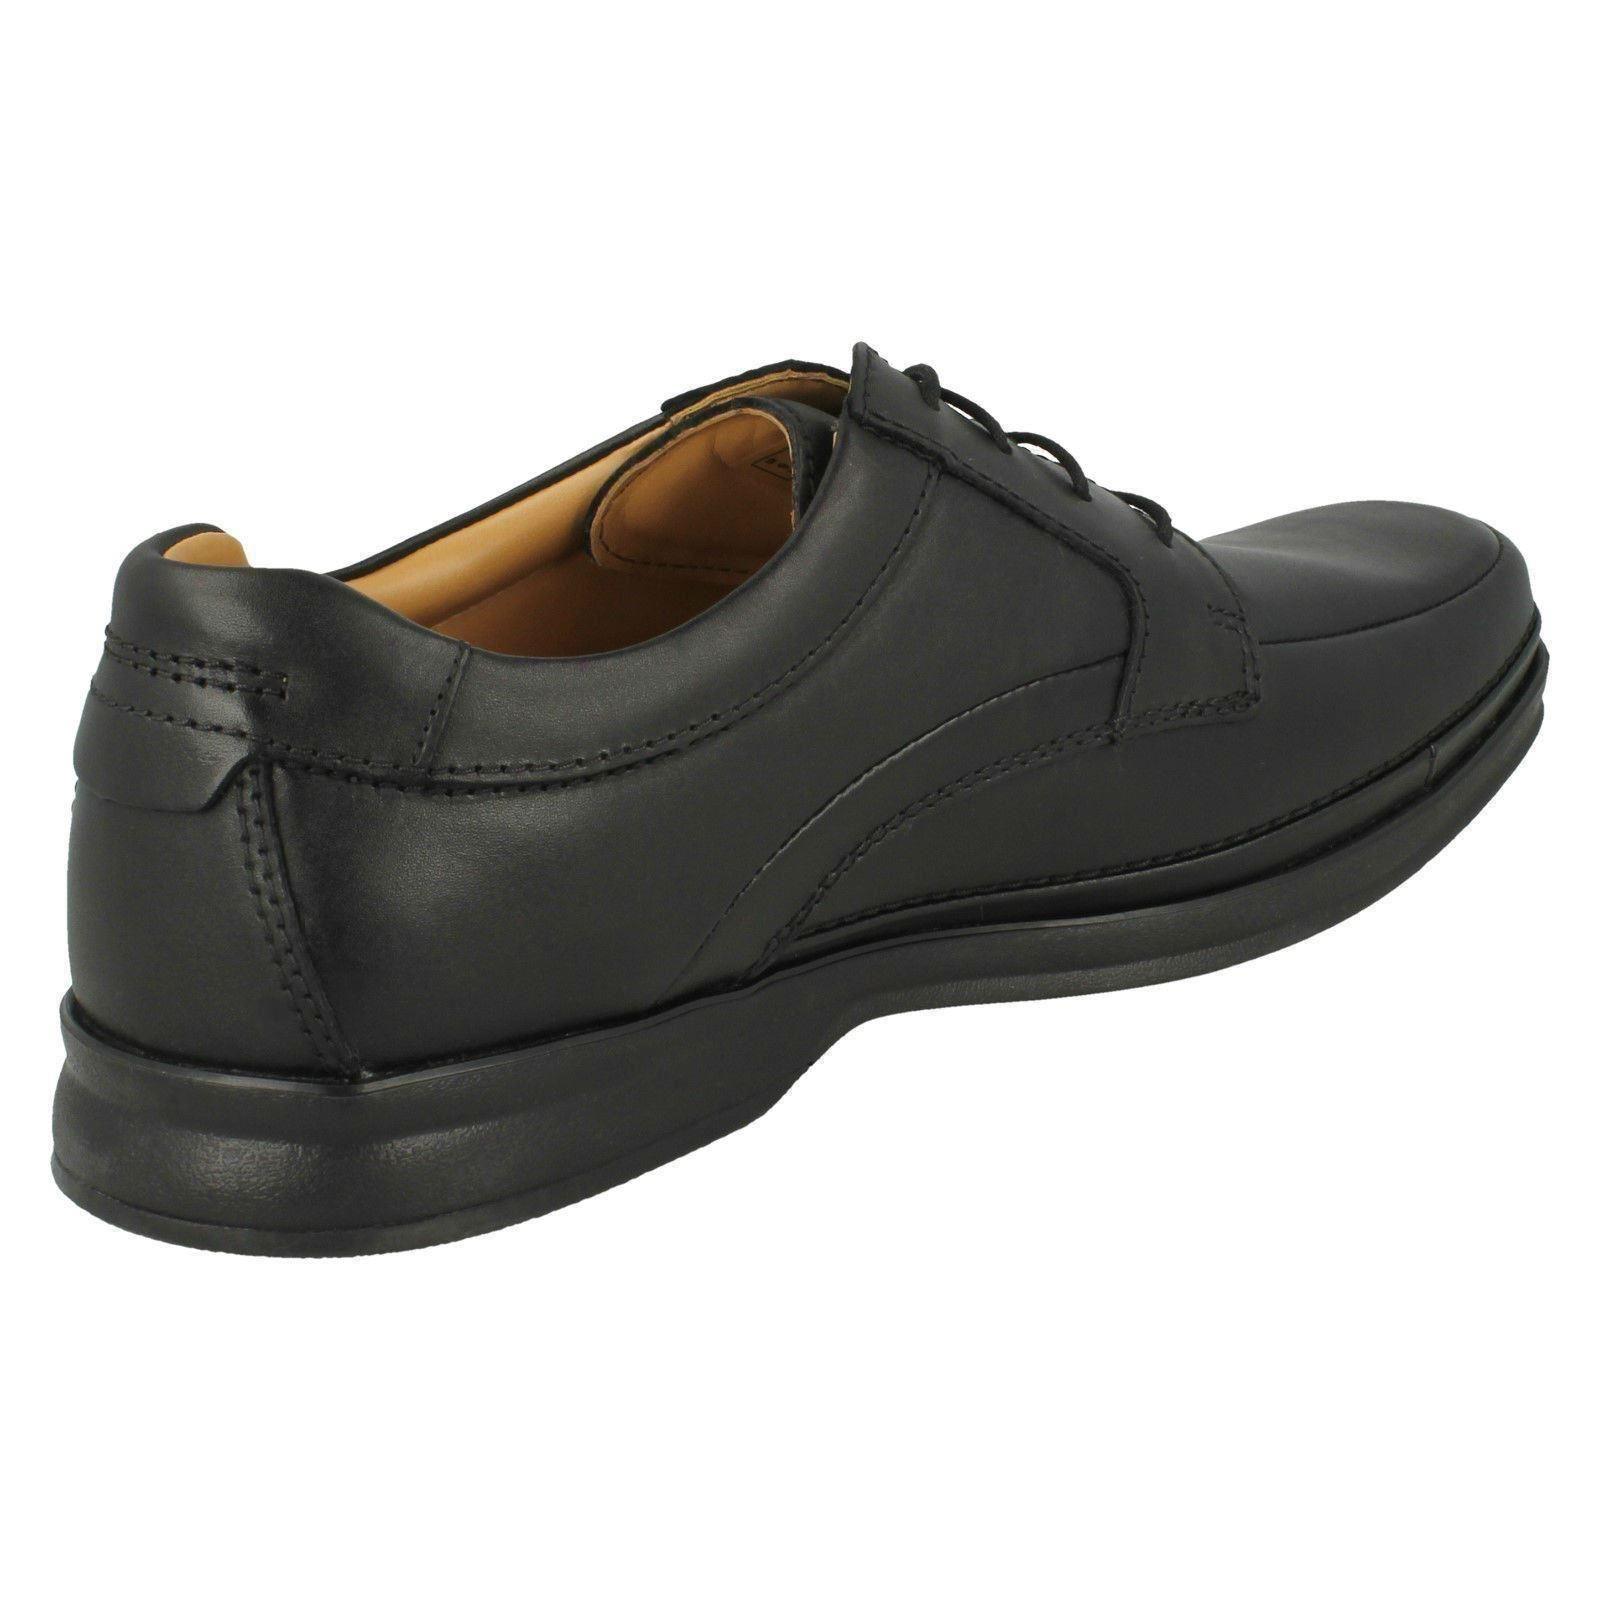 Para Hombre Clarks Formal Cordones Zapatos Con Cordones Formal De-scopic Way 6265f4